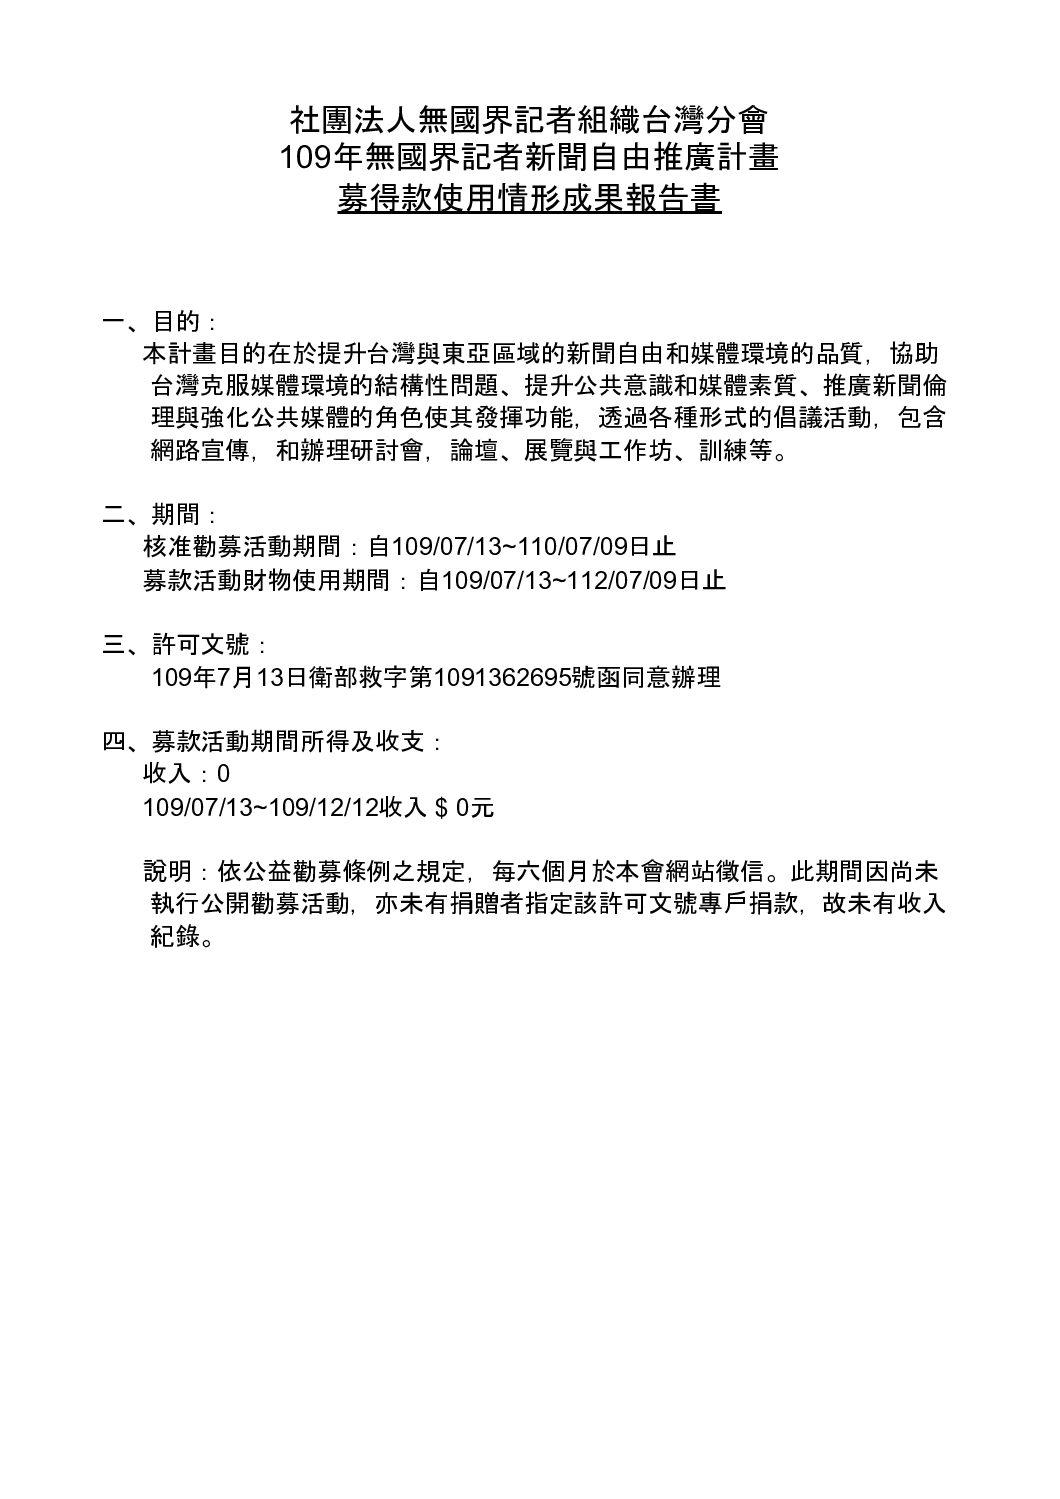 Permalink to: 109年無國界記者新聞自由推廣計畫募得款使用情形成果報告書